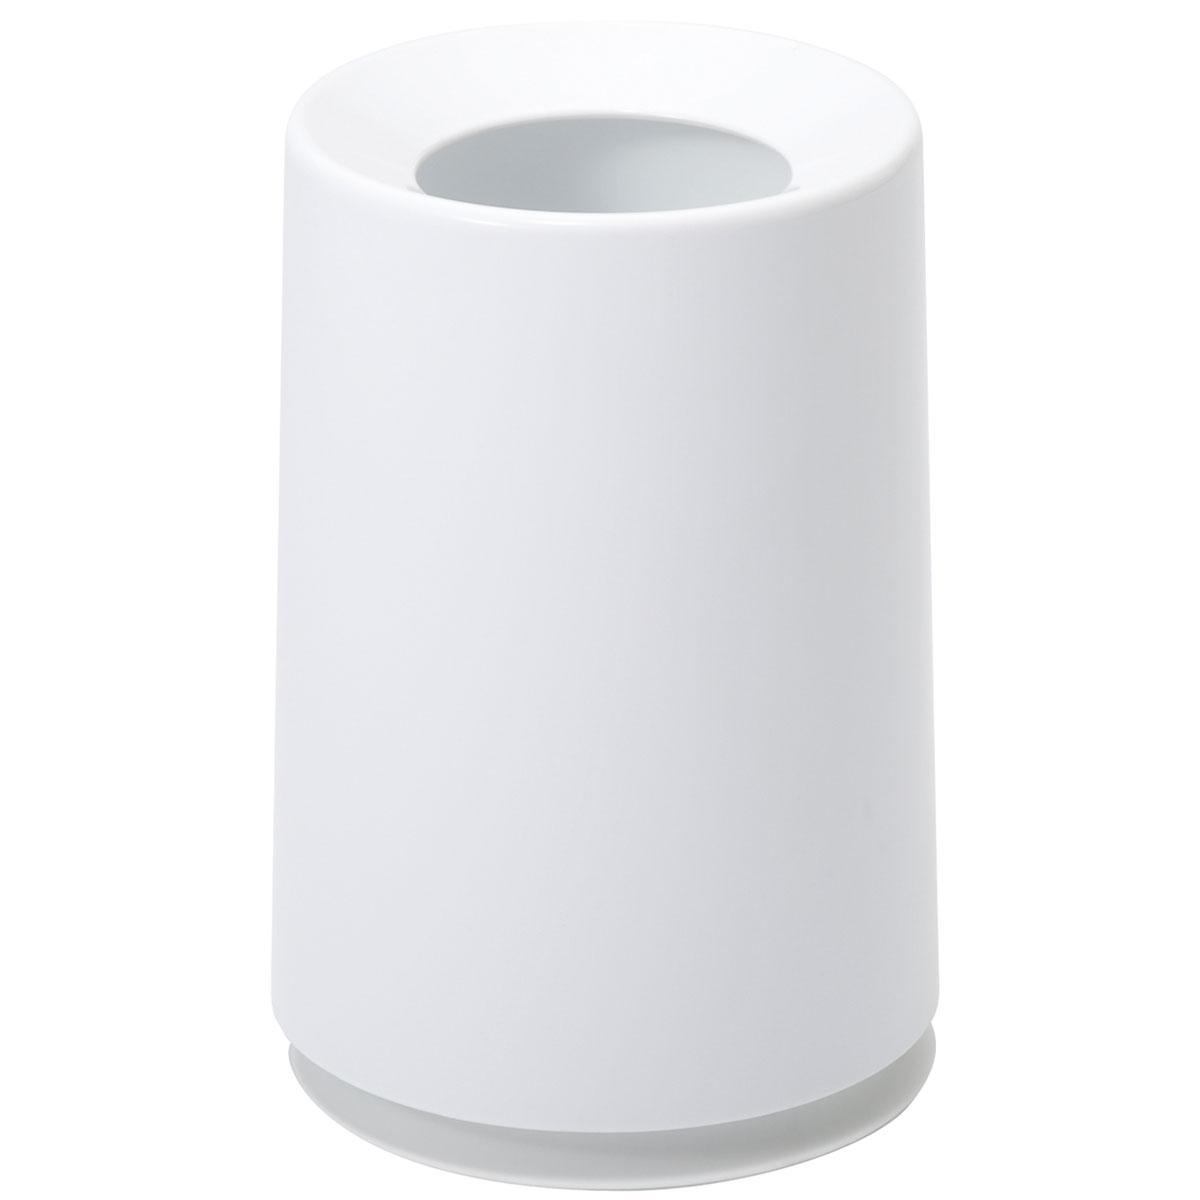 数量は多 送料無料 ideacoのゴミ箱 チューブラー ホワイトがおしゃれ ゴミ箱 お中元 ideaco ごみ箱 ダストボックス イデアコ TUBELOR ホワイト